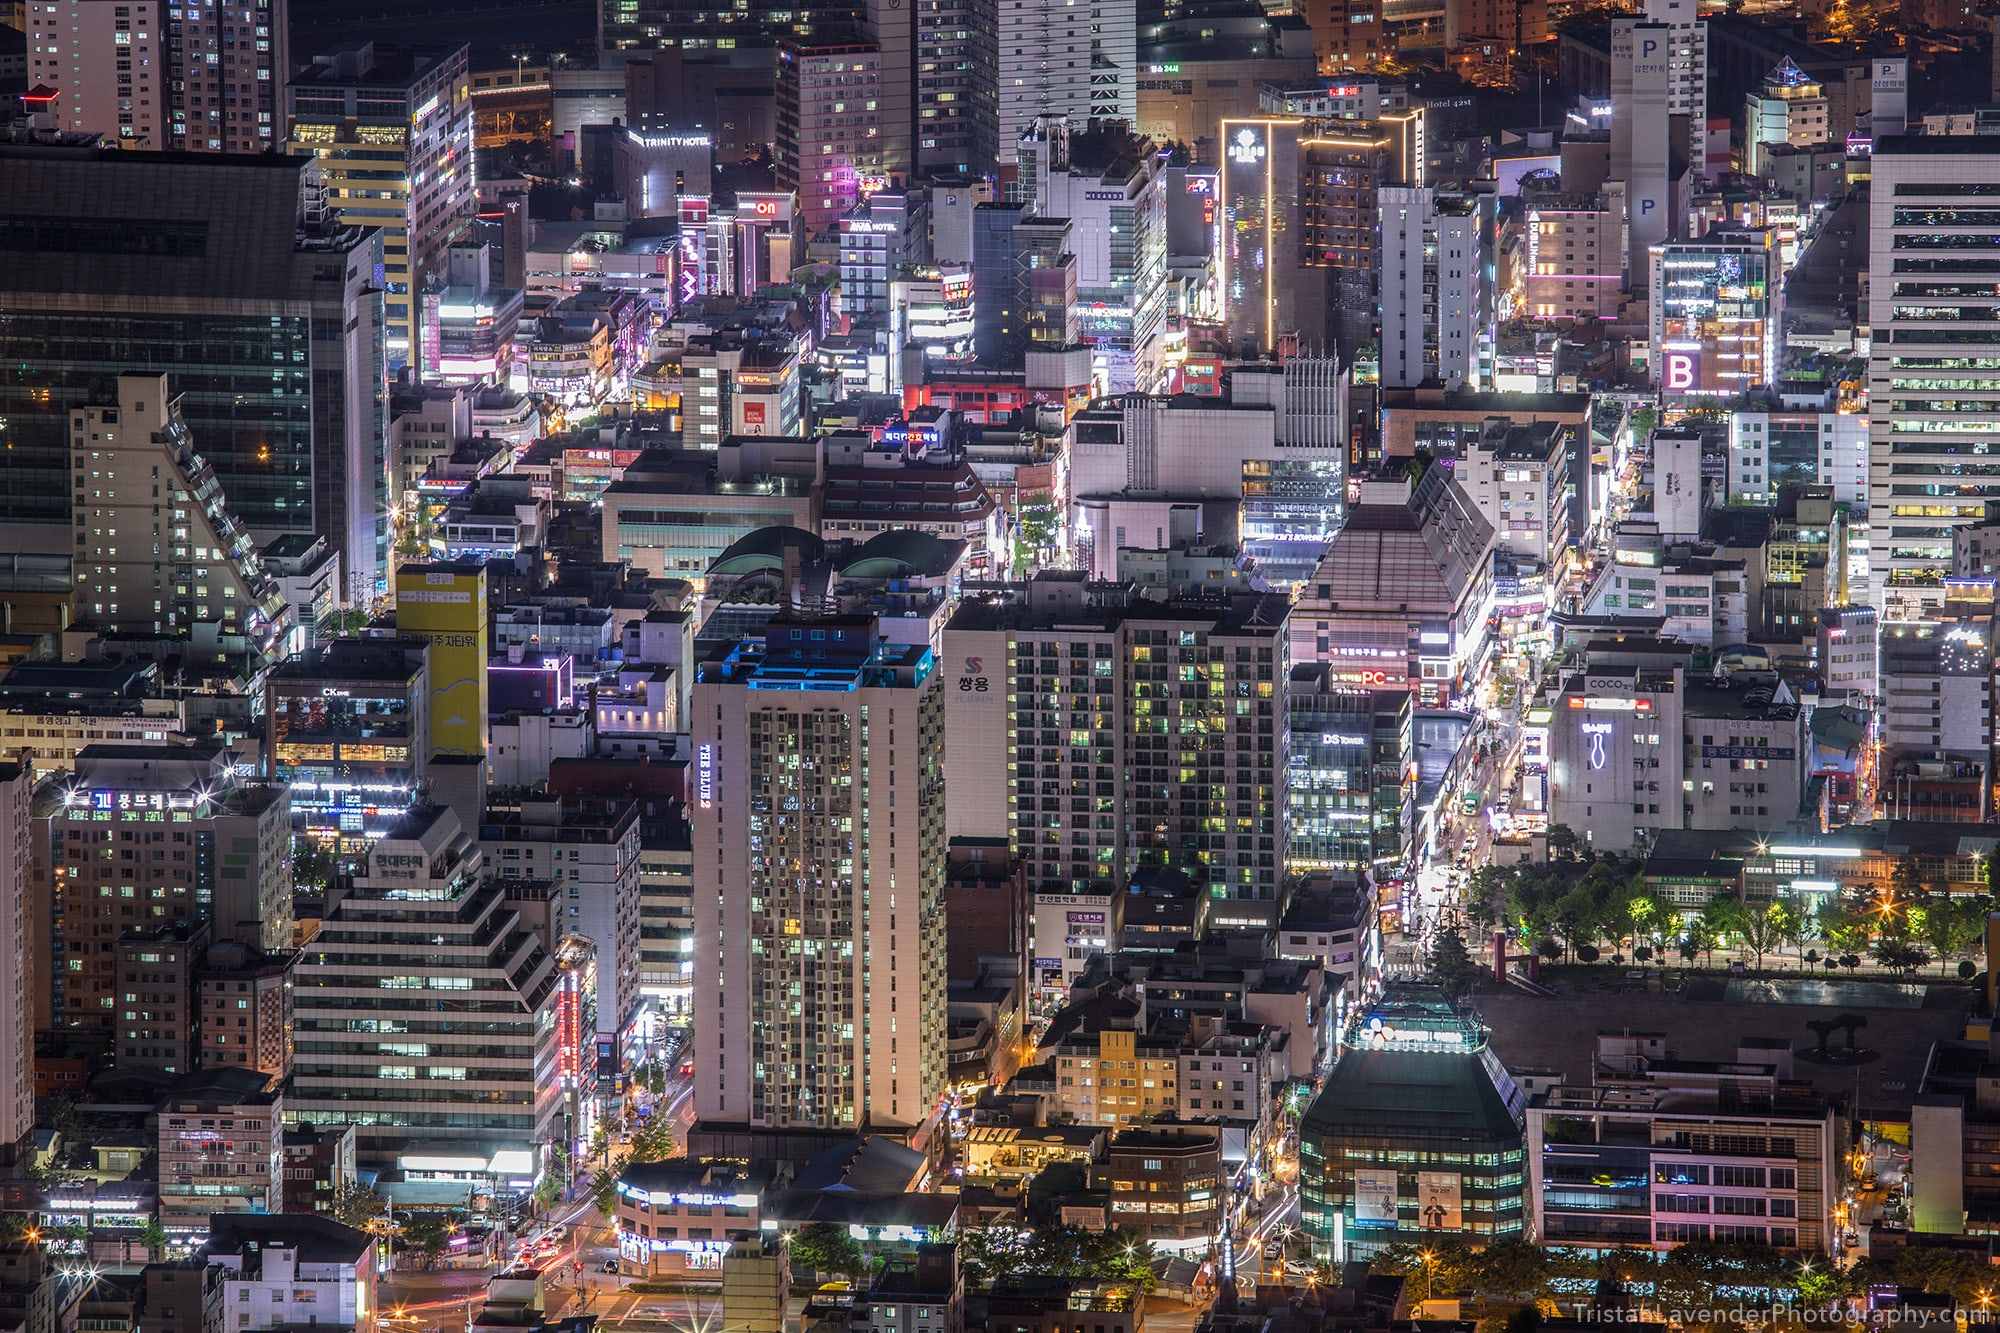 Busan city view at night